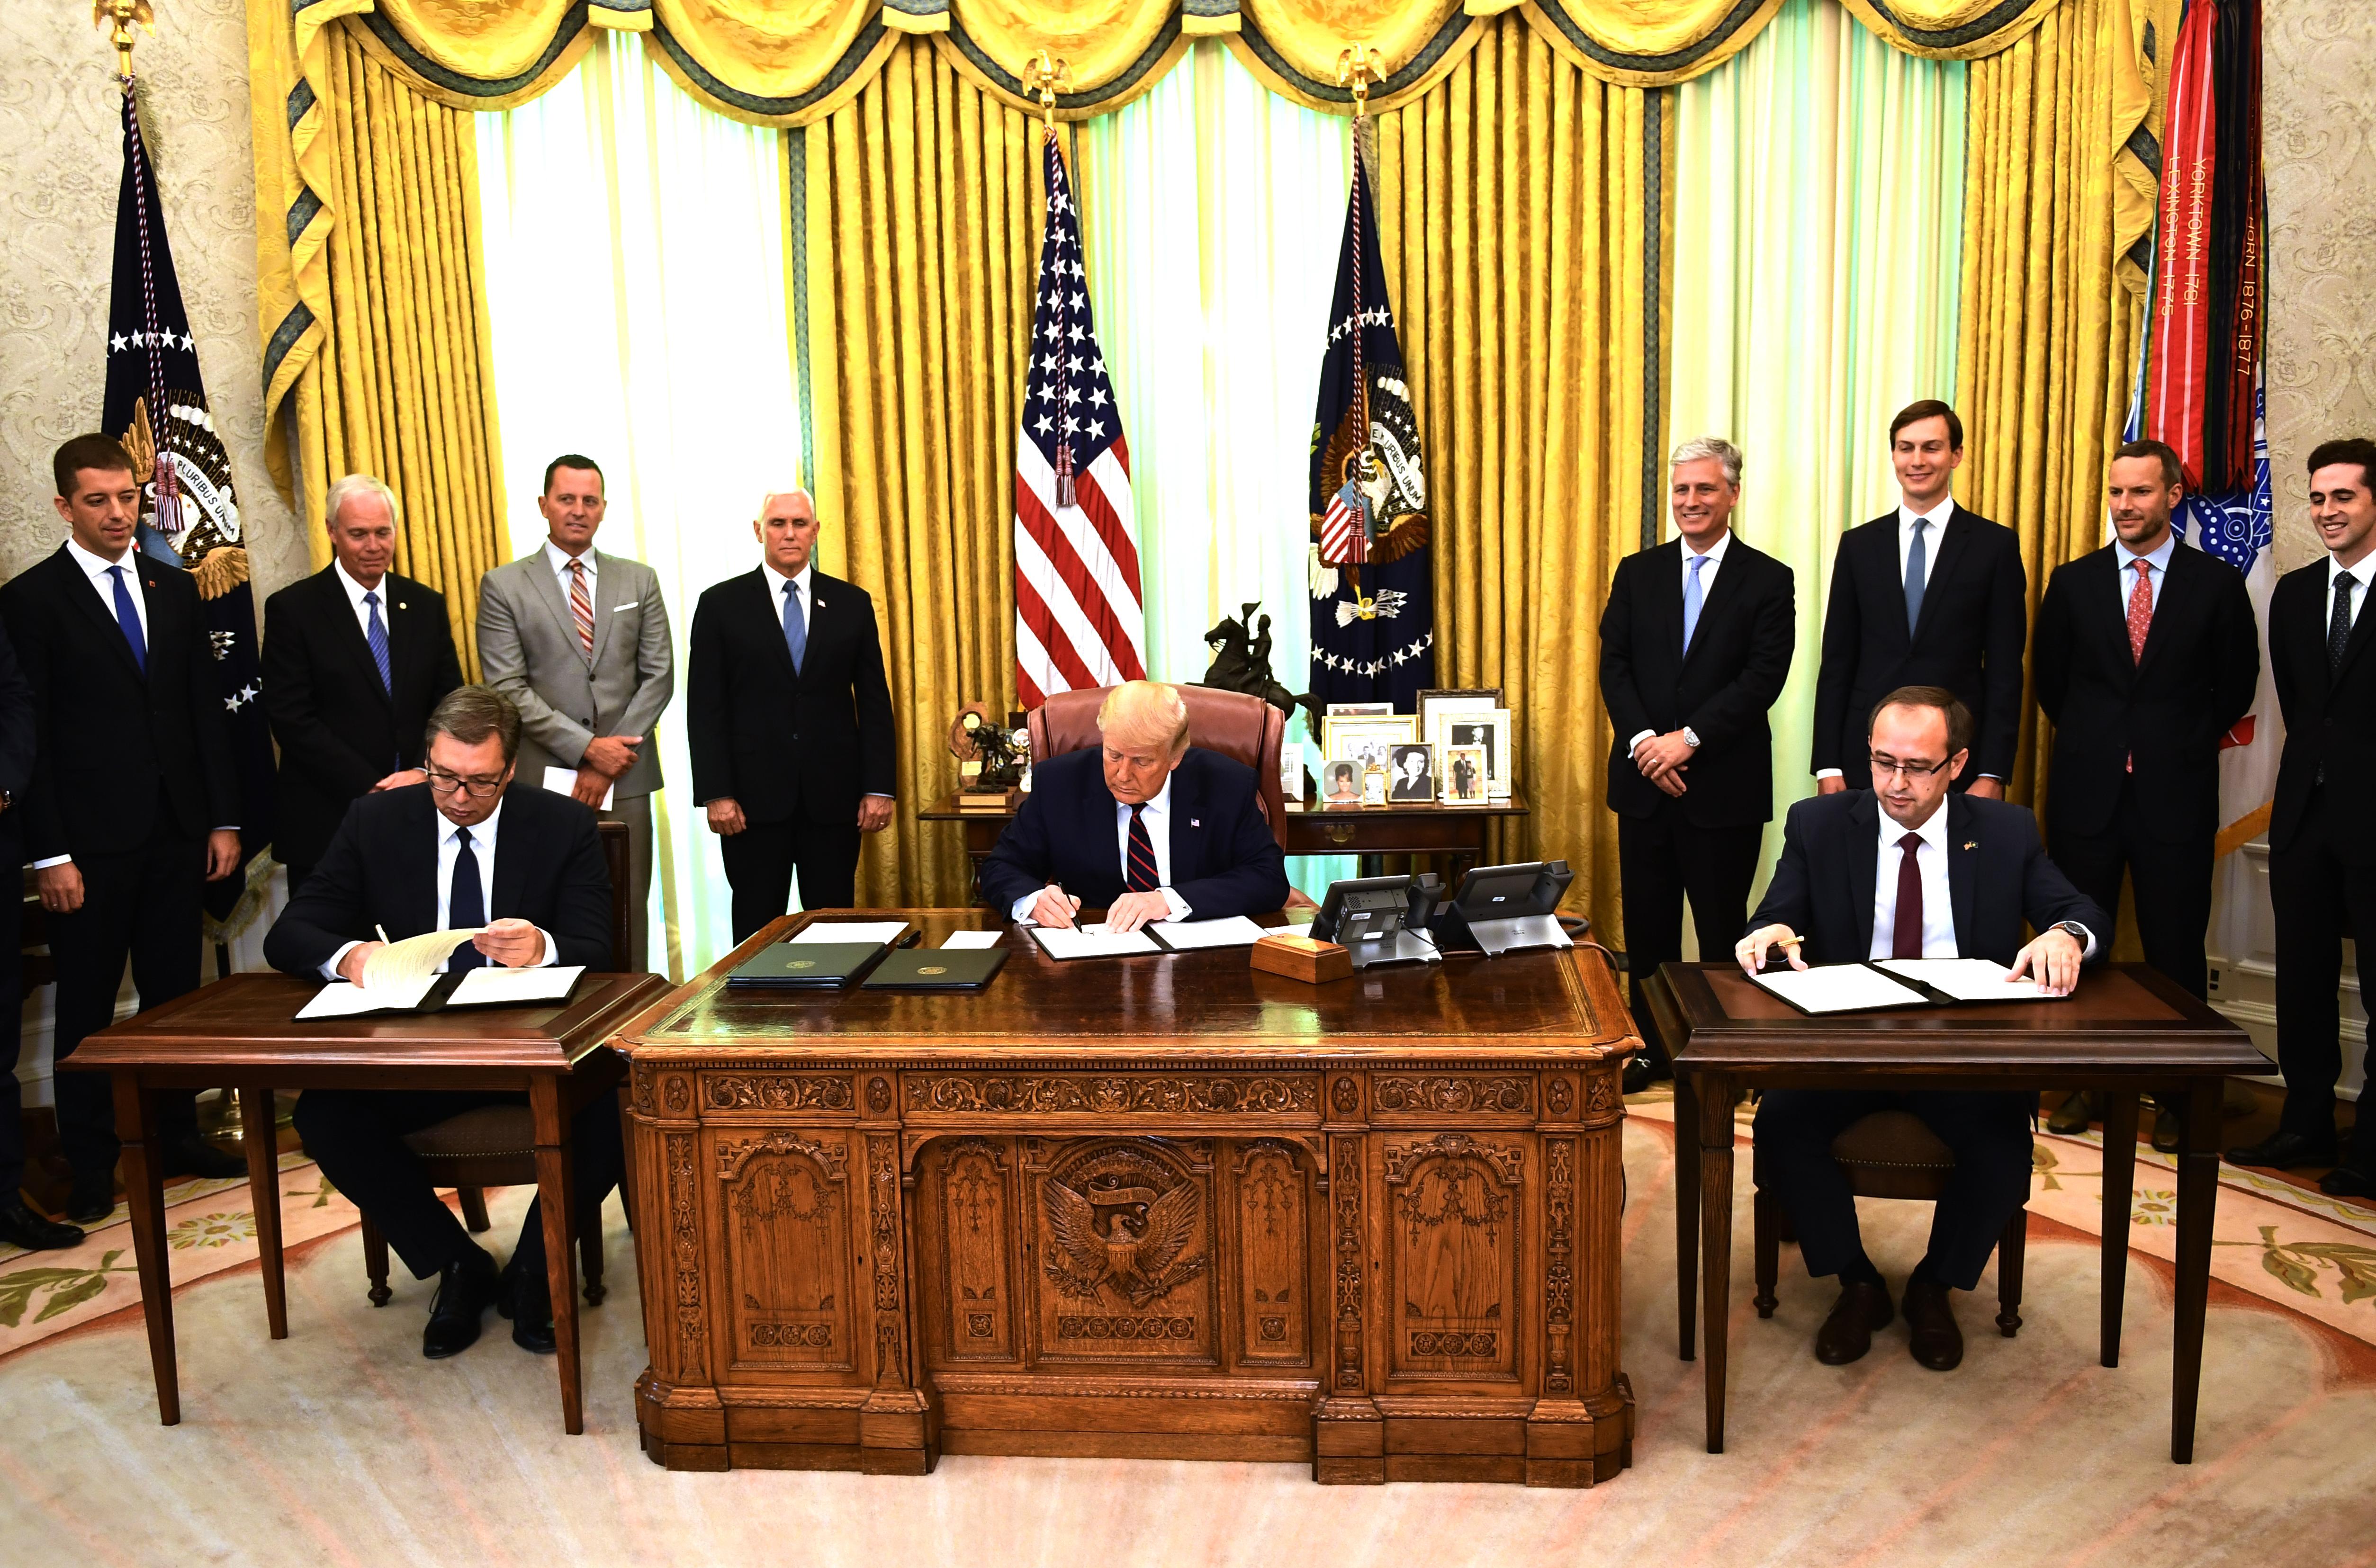 塞爾維亞和科索沃簽歷史性協議 特朗普見證